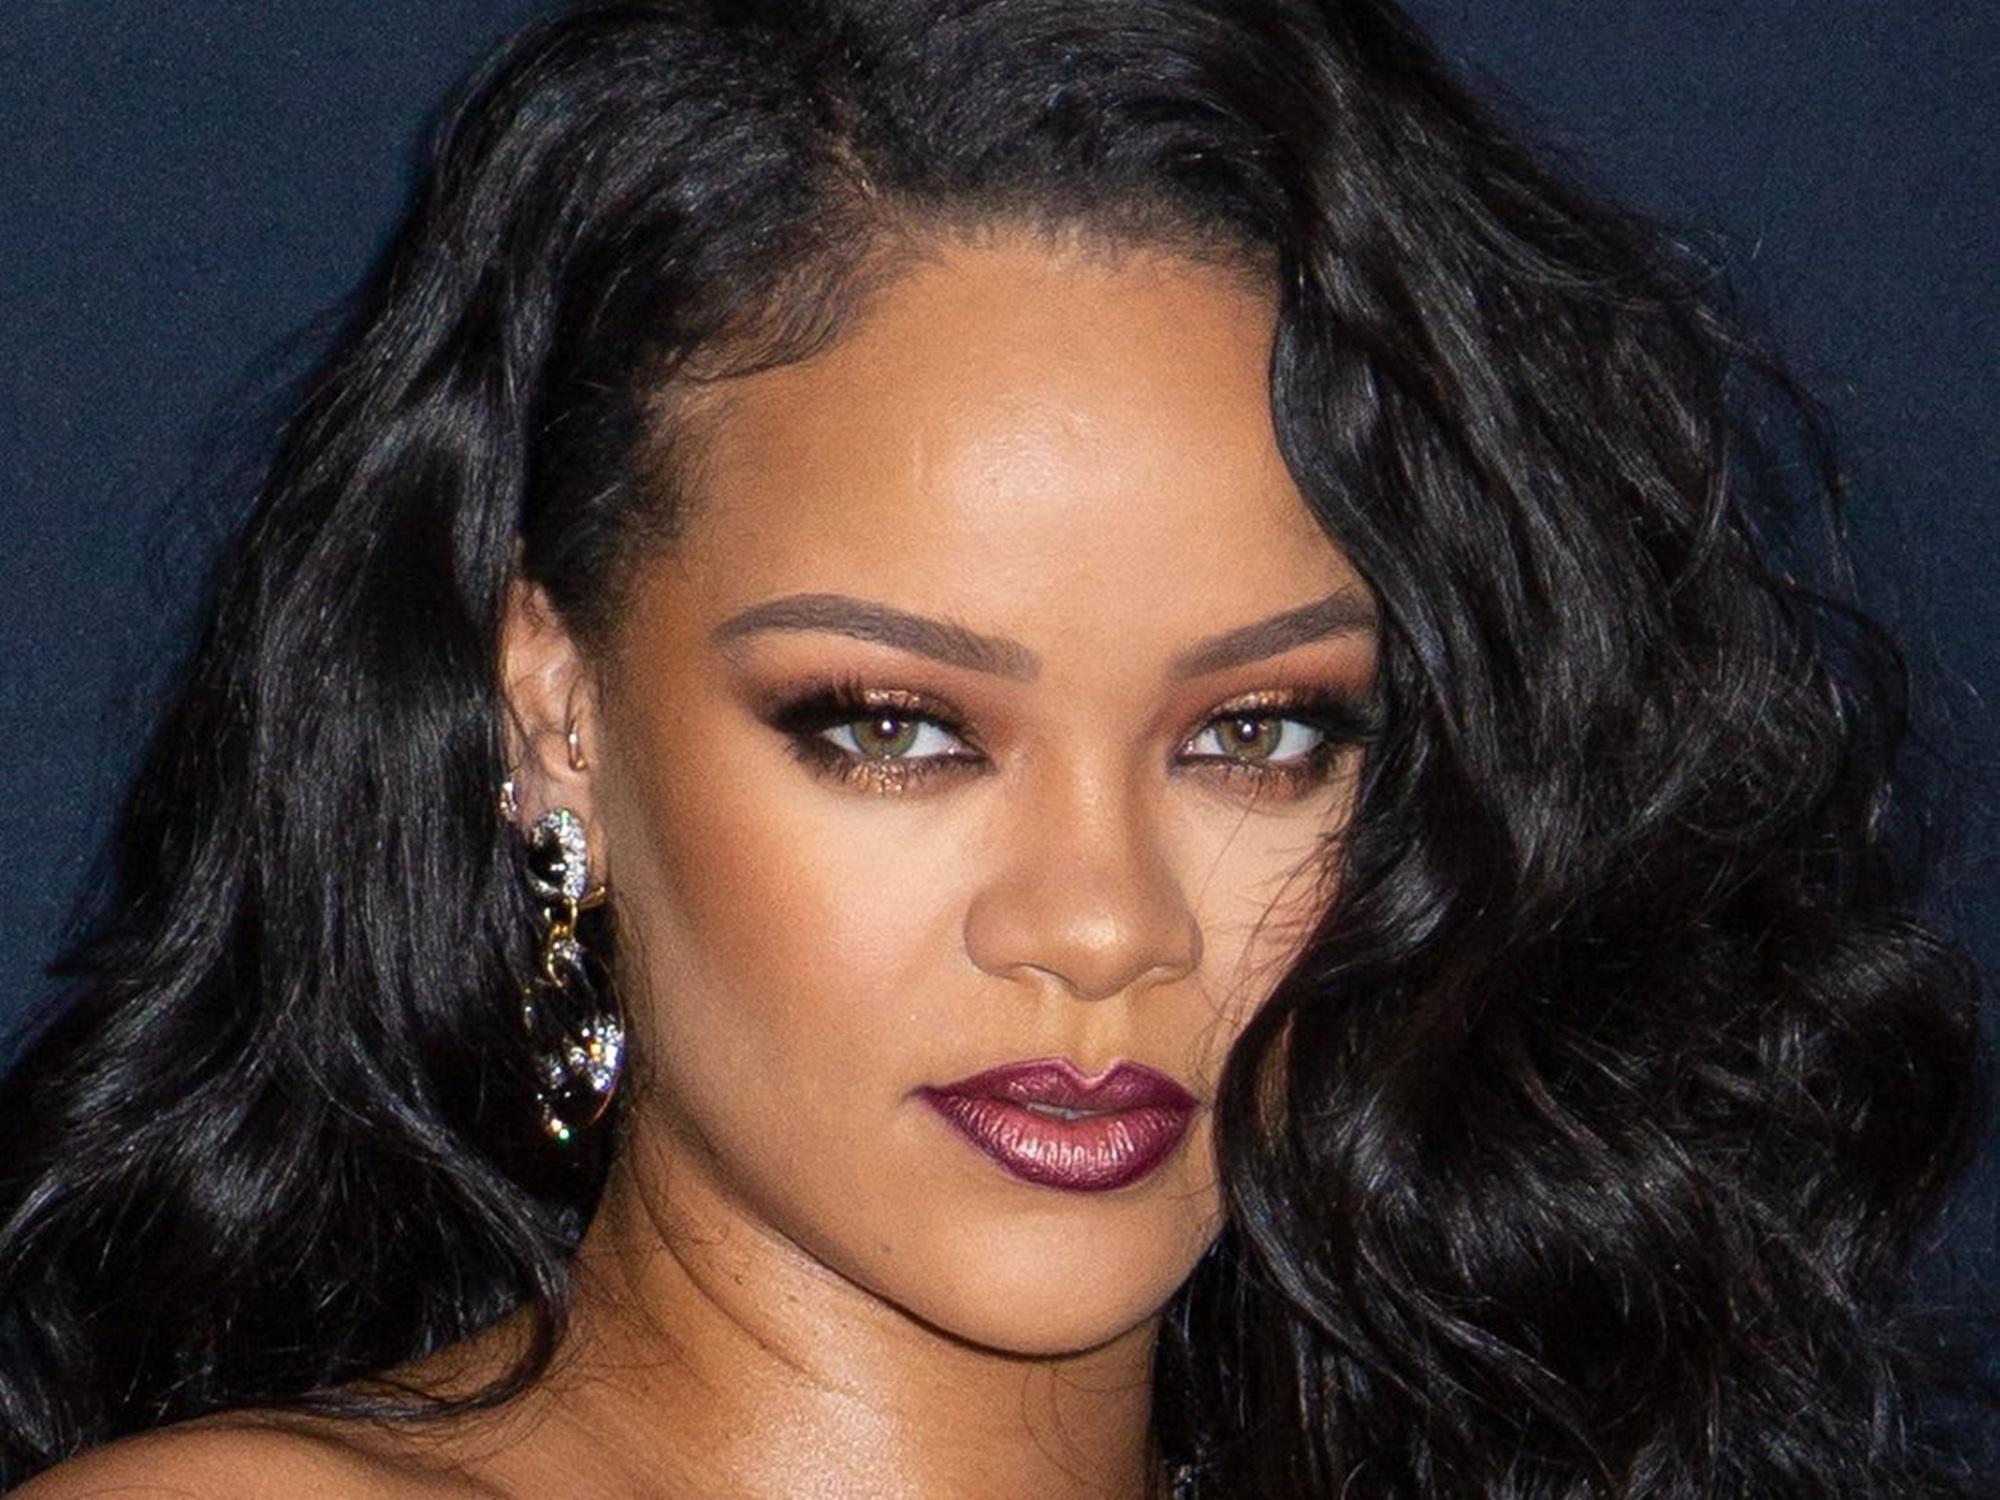 Rihanna The Dream New Album